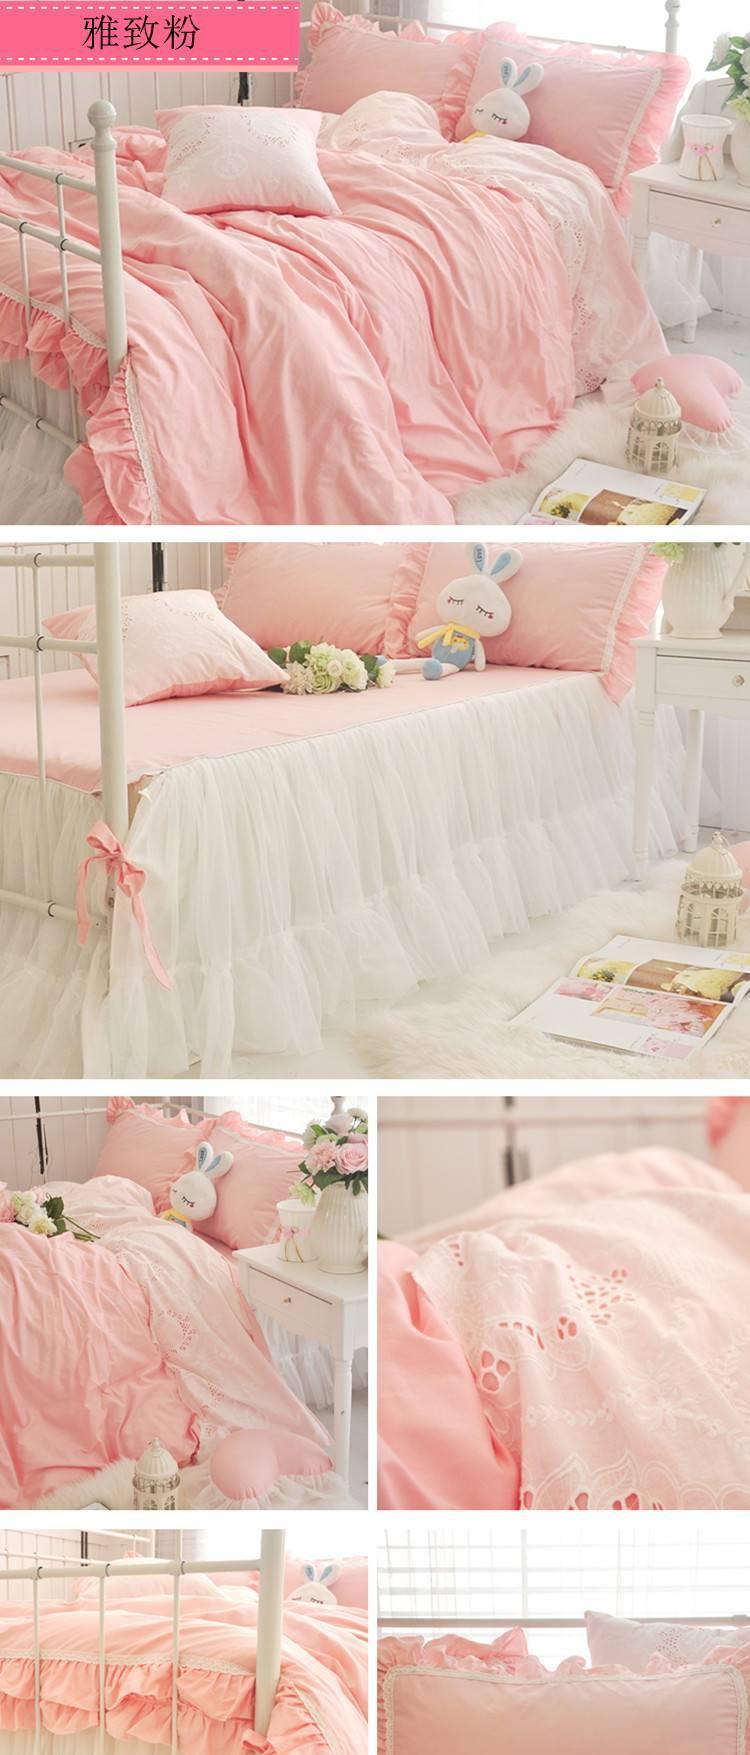 韩式全棉家纺蕾丝公主粉色梦幻三四件套韩版纯棉被套床裙婚庆家纺示例图13